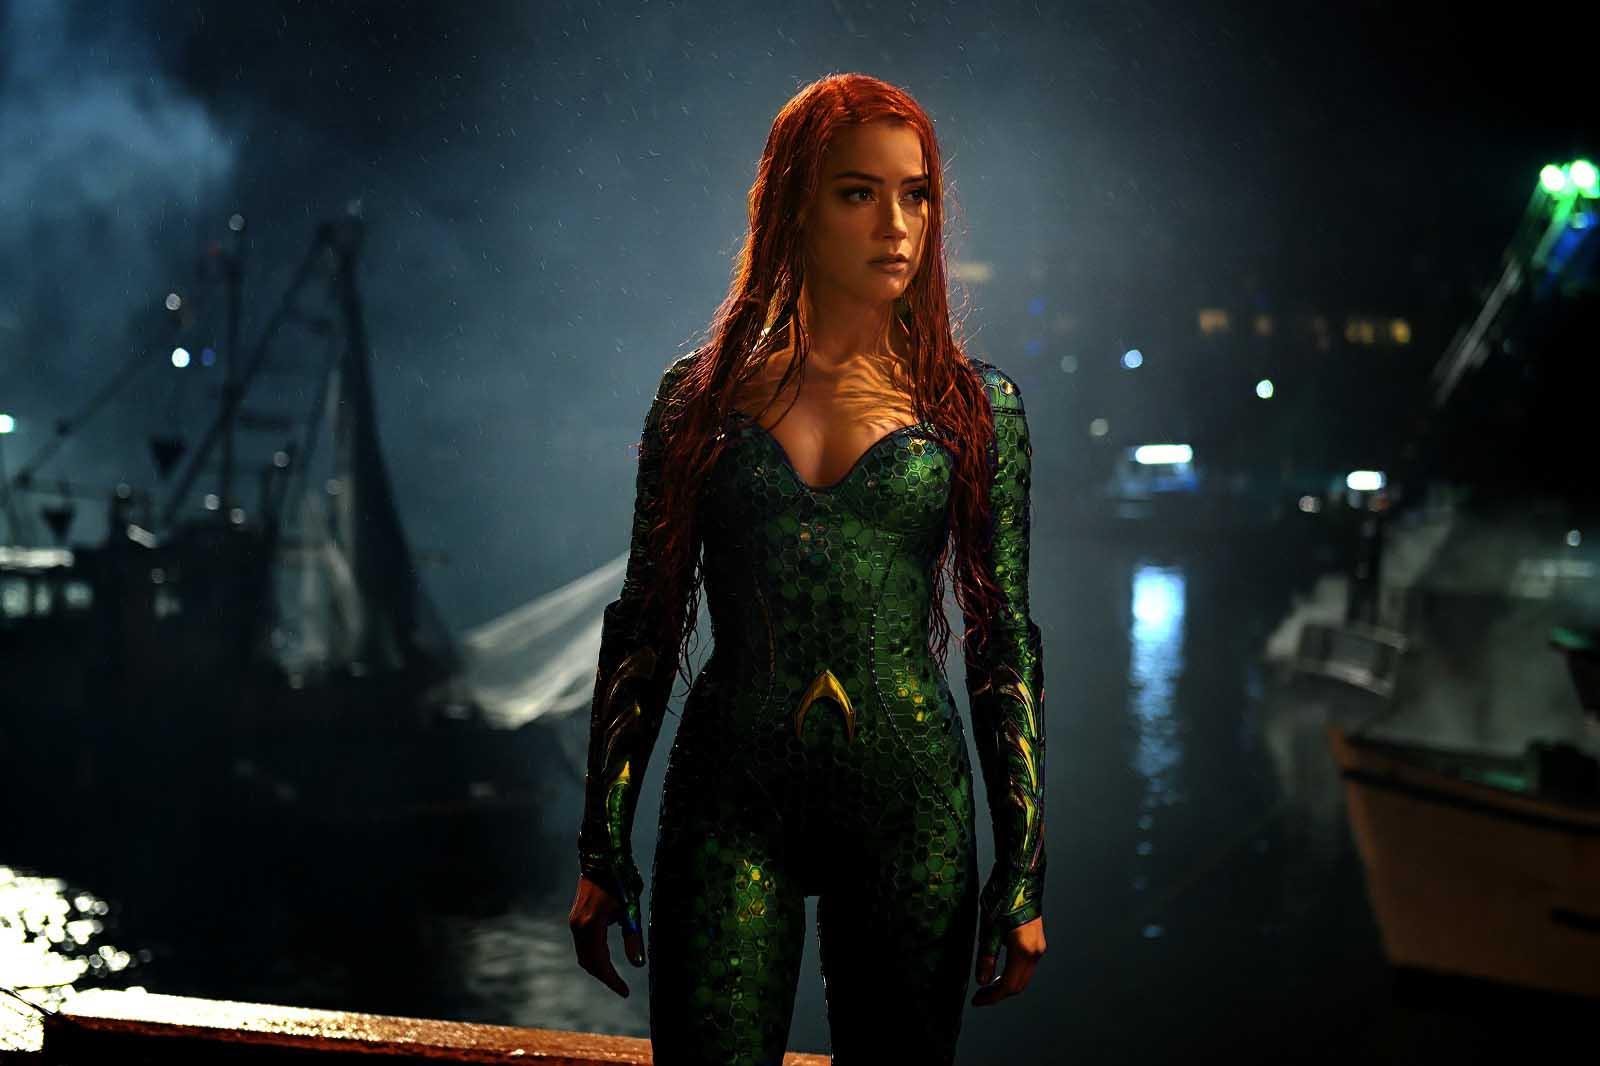 Les signatures s'envolent sur la péition demandant le retrait d'Amber Heard d'Aquaman 2